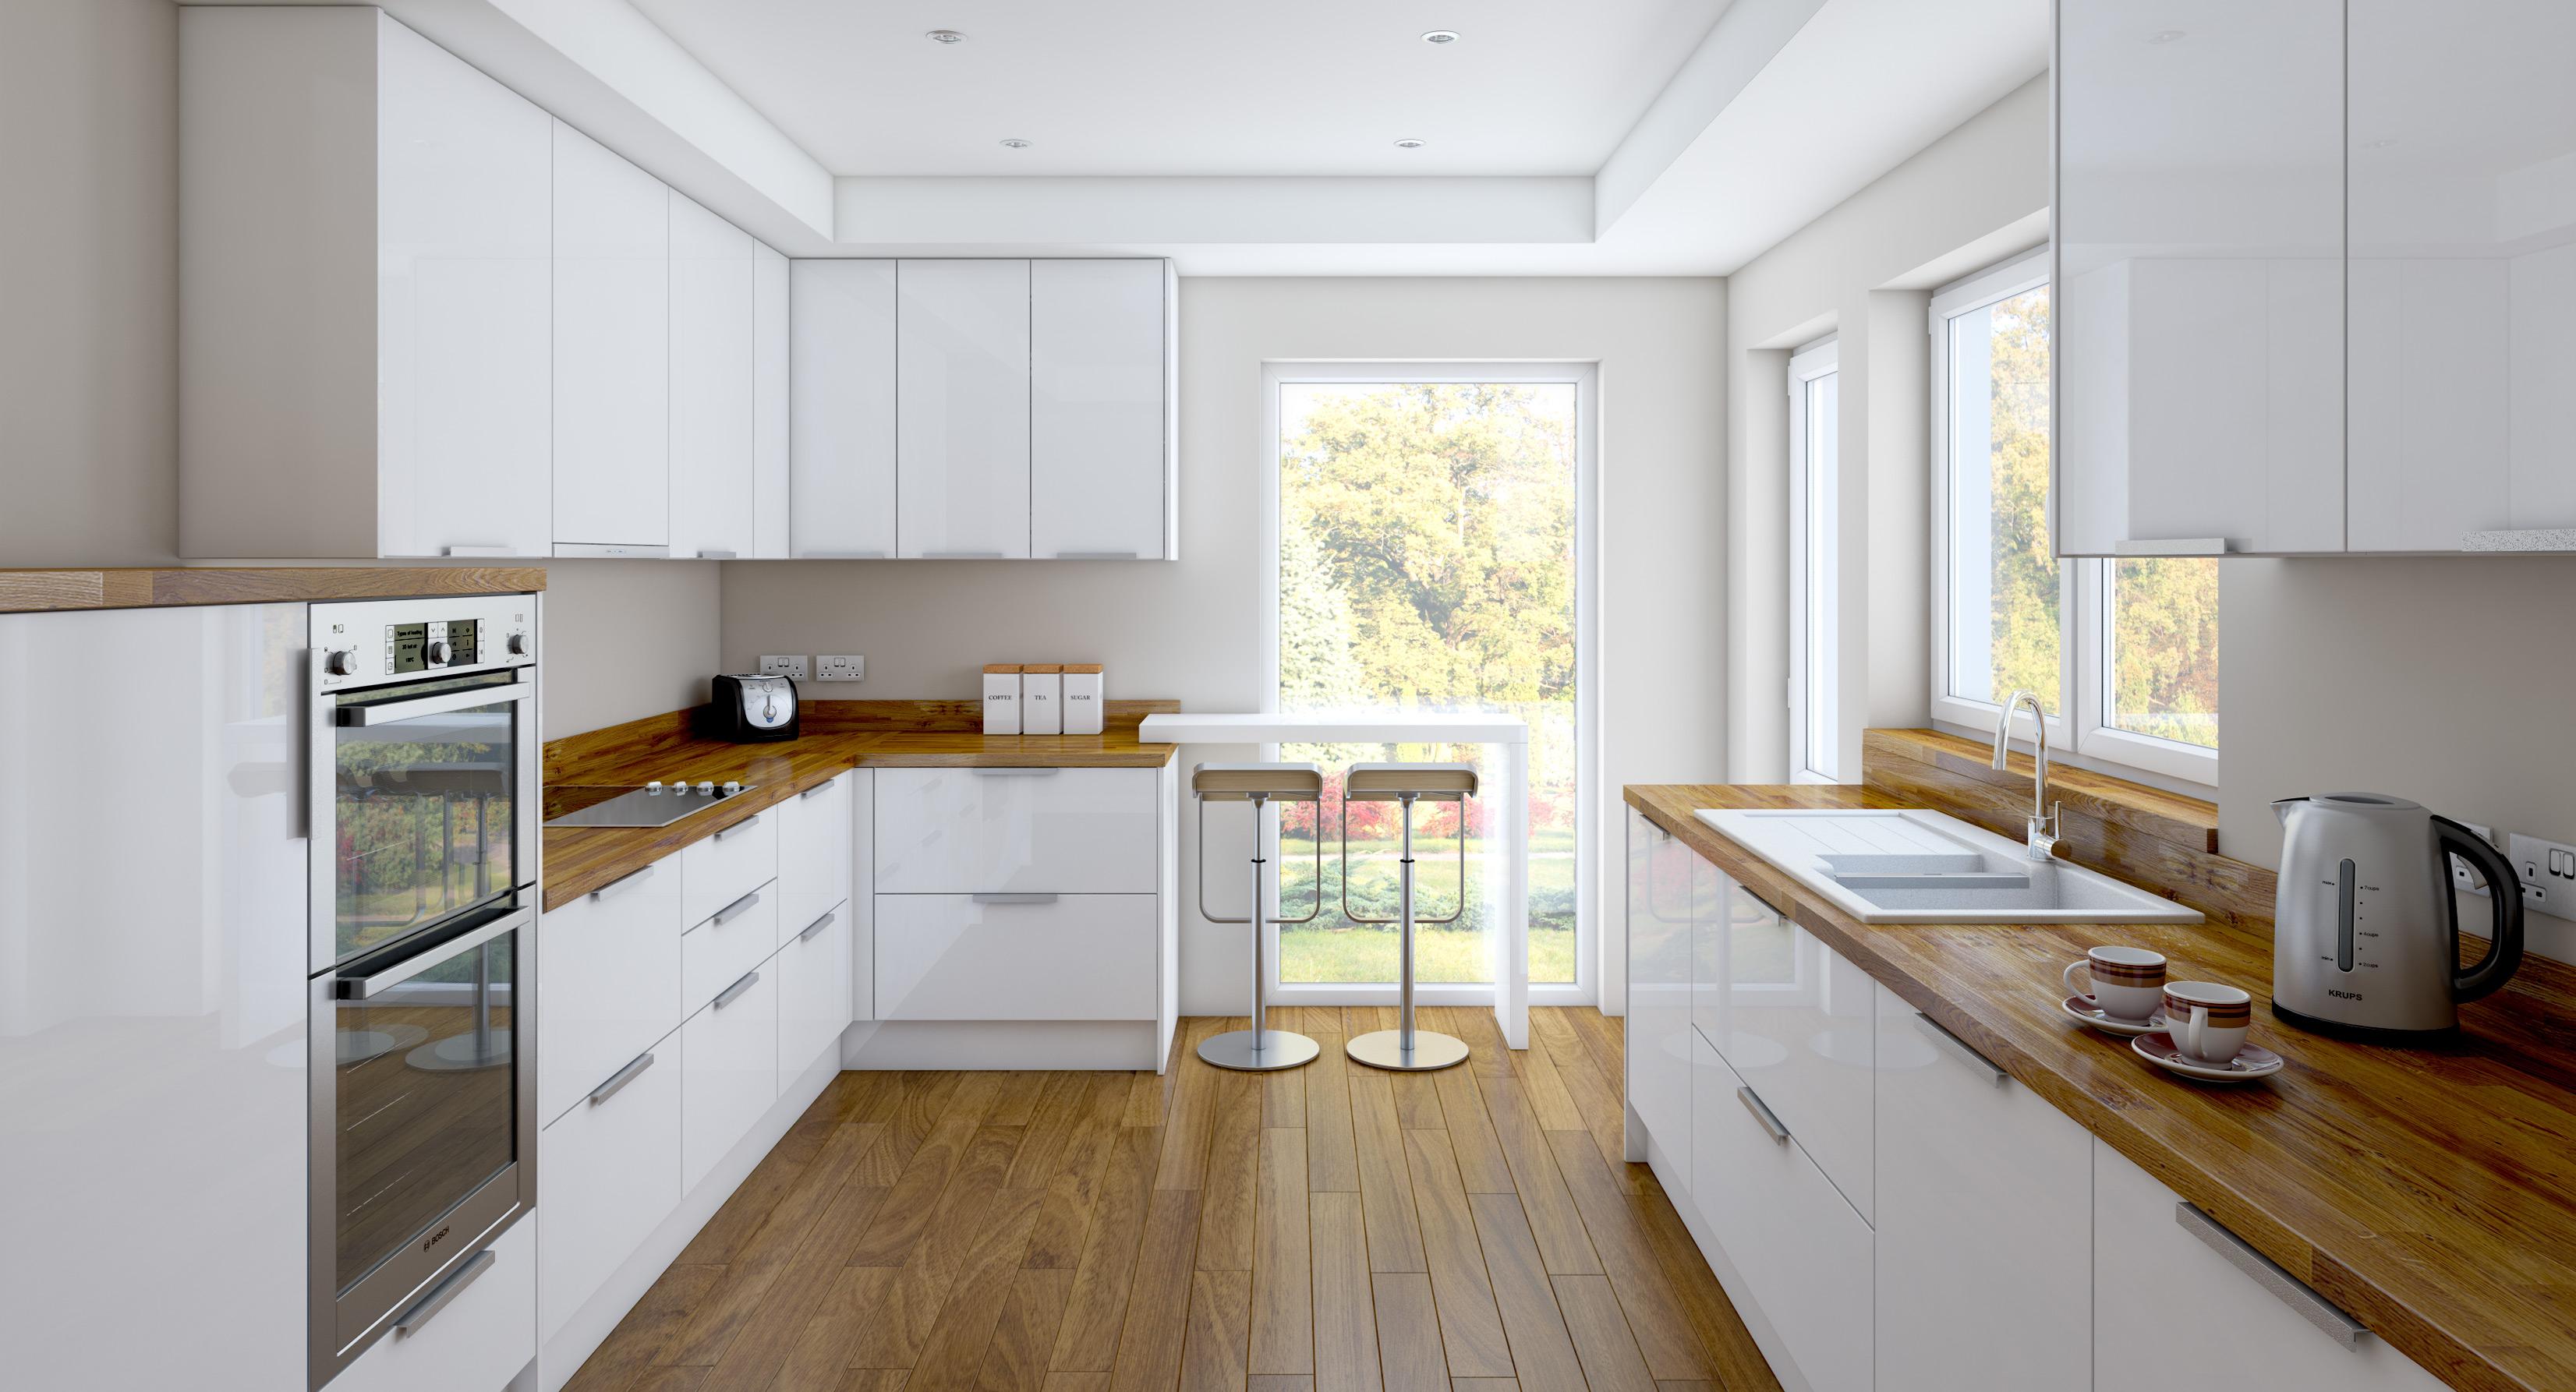 Деревянные кухонные столешницы в светлых тоннах украшают интерьер - фото 8